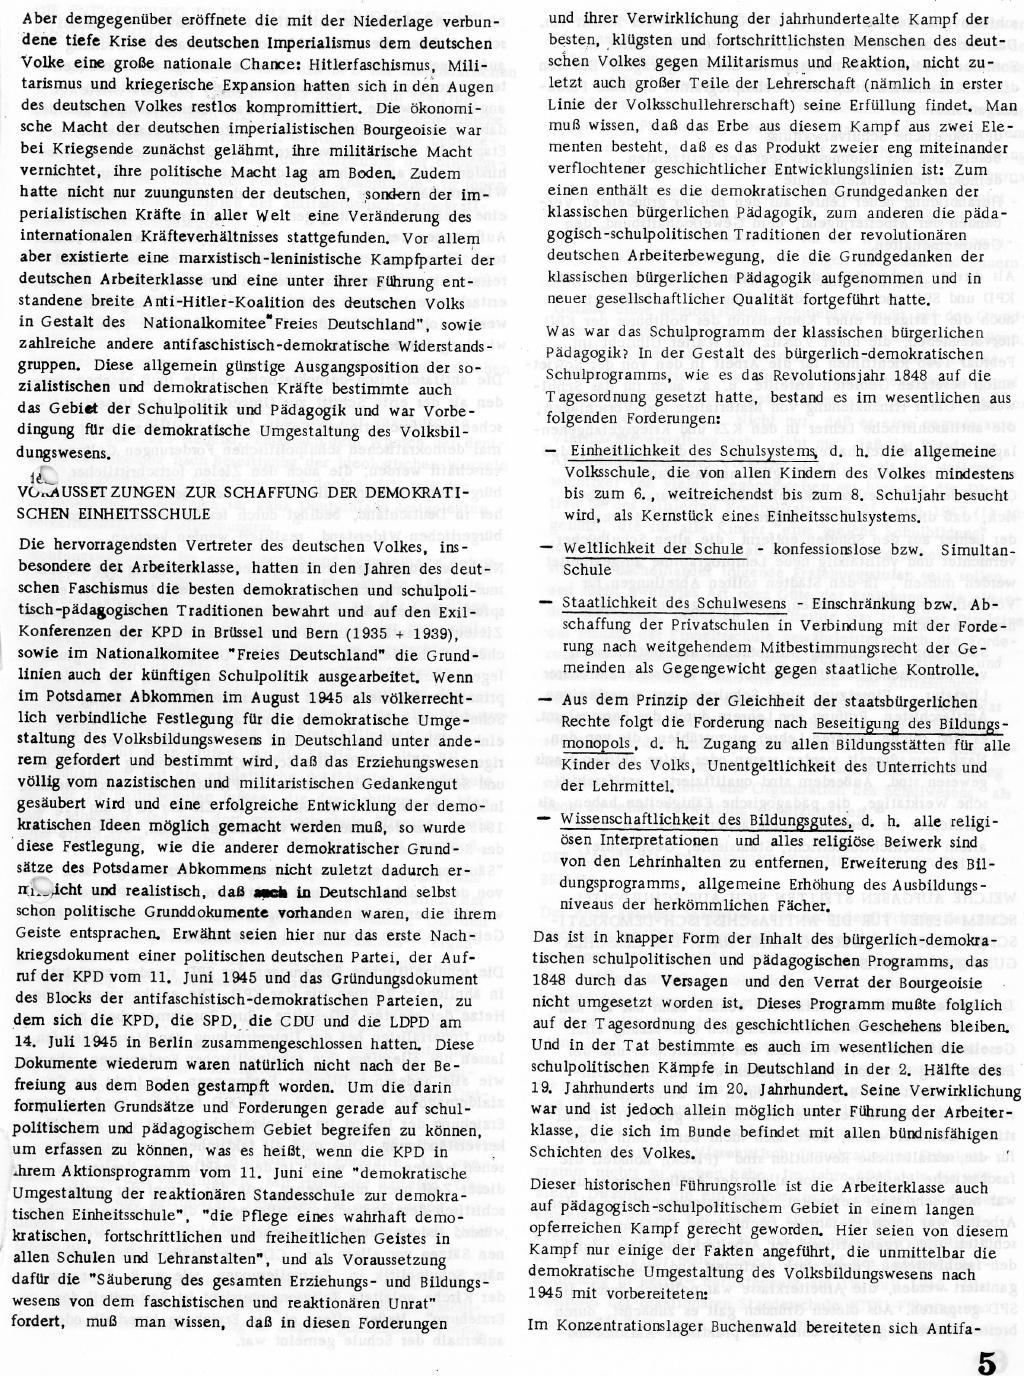 RPK_1971_104_05